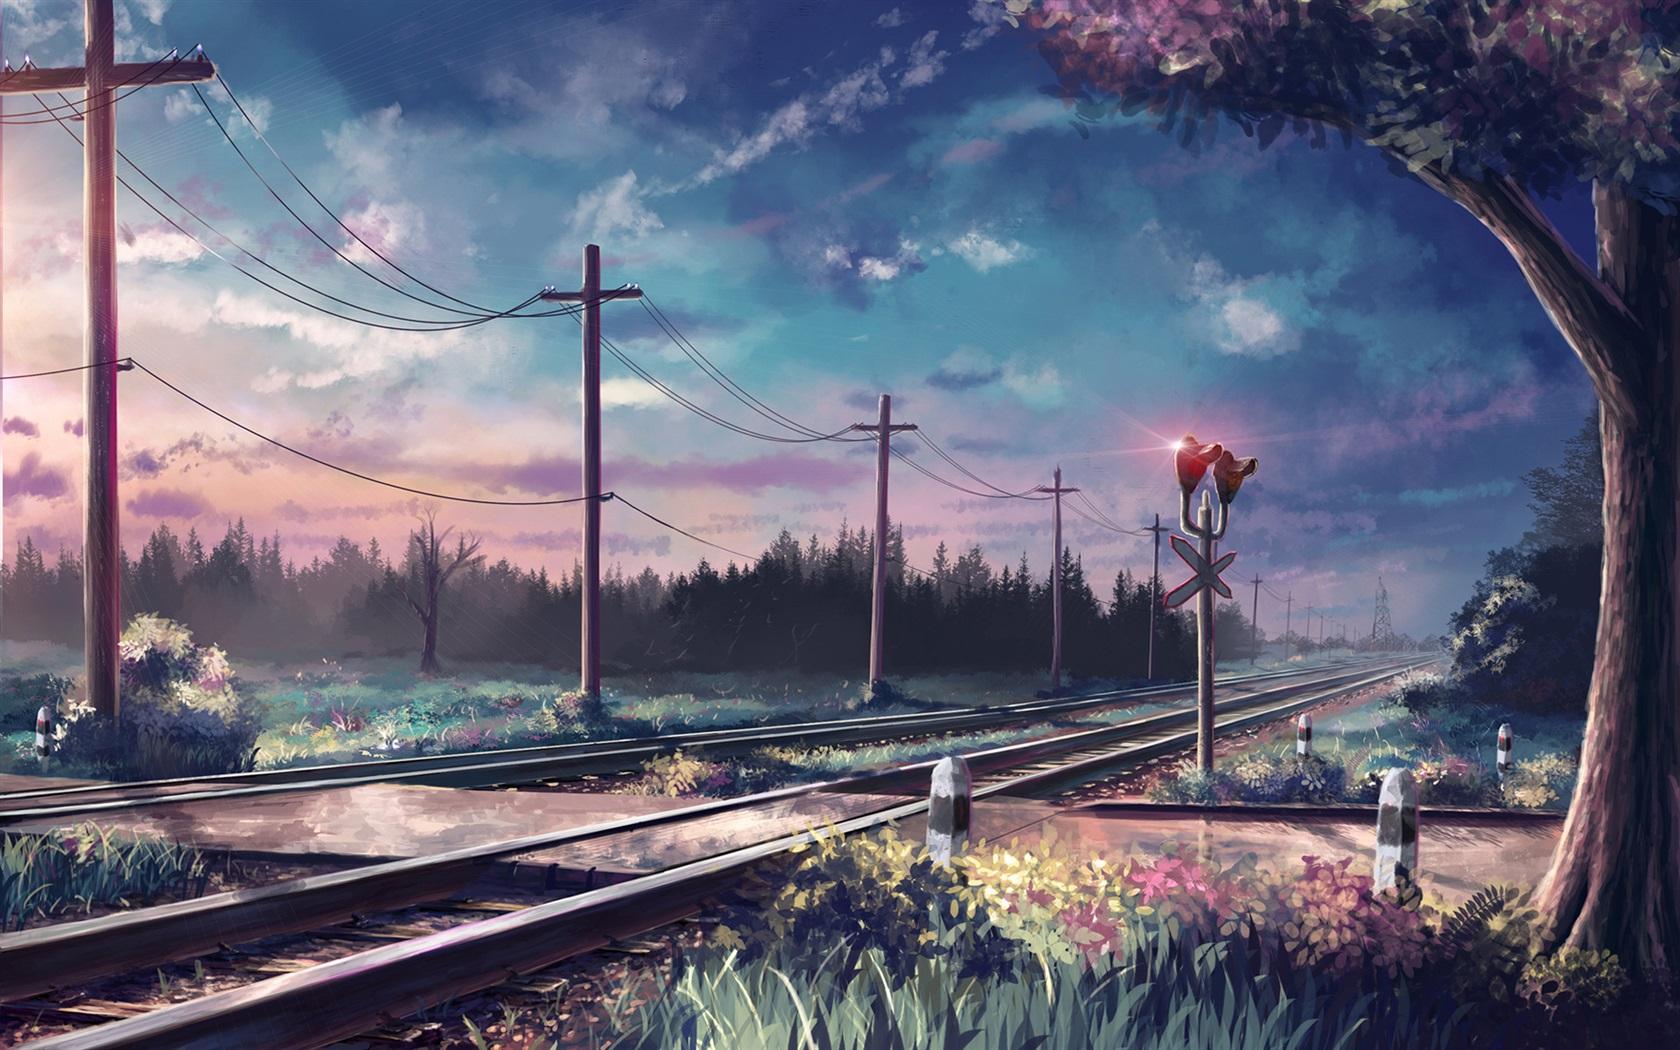 下载1680x1050 艺术画,树木,护栏,电线杆,铁路 桌布, 图片图片